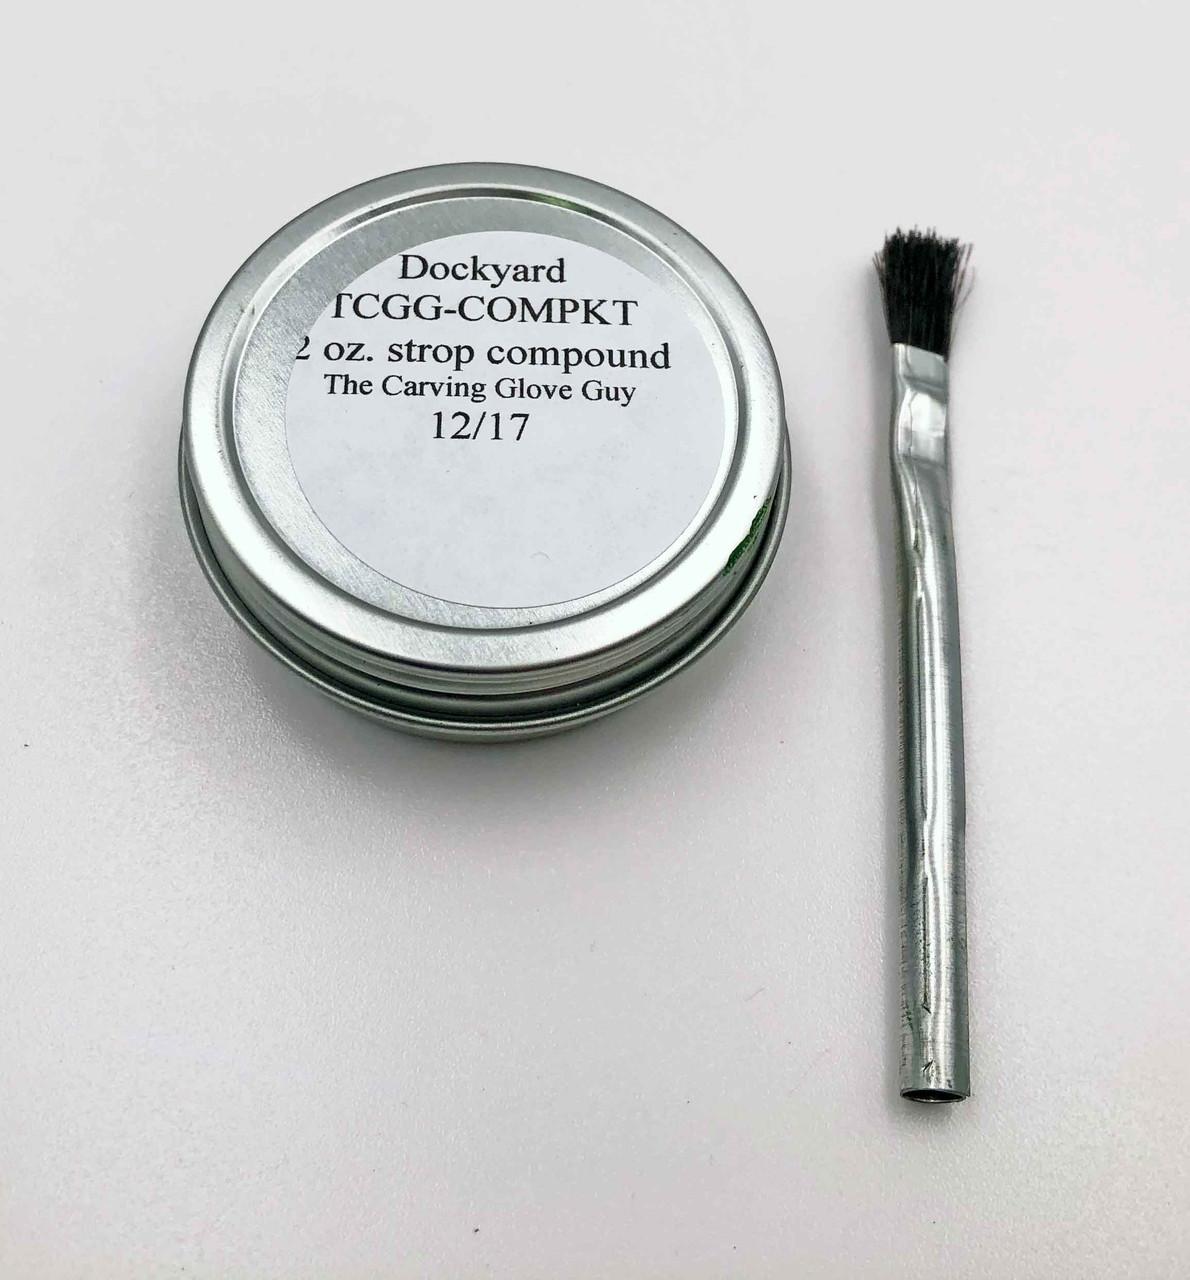 Dockyard tool strop goop and brush.